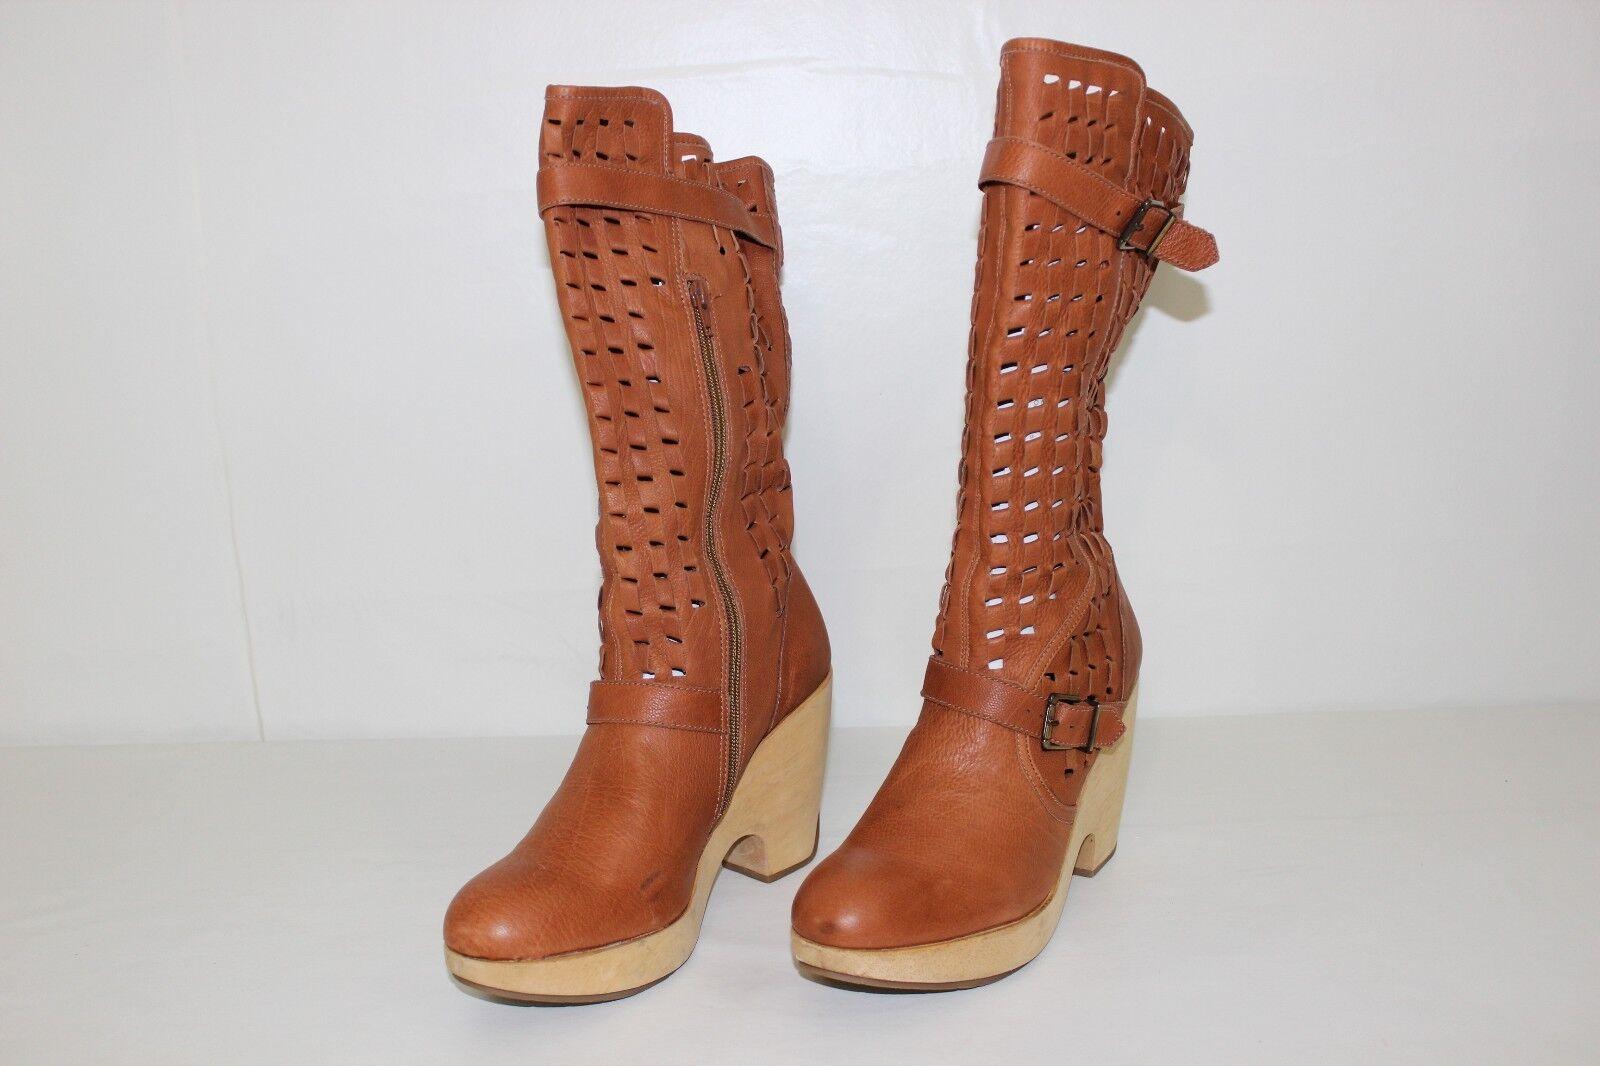 la vostra soddisfazione è il nostro obiettivo Kenneth Cole donna Sz 10 Marrone Leather Leather Leather Braided Zip Up High Heels stivali NICE  stanno facendo attività di sconto